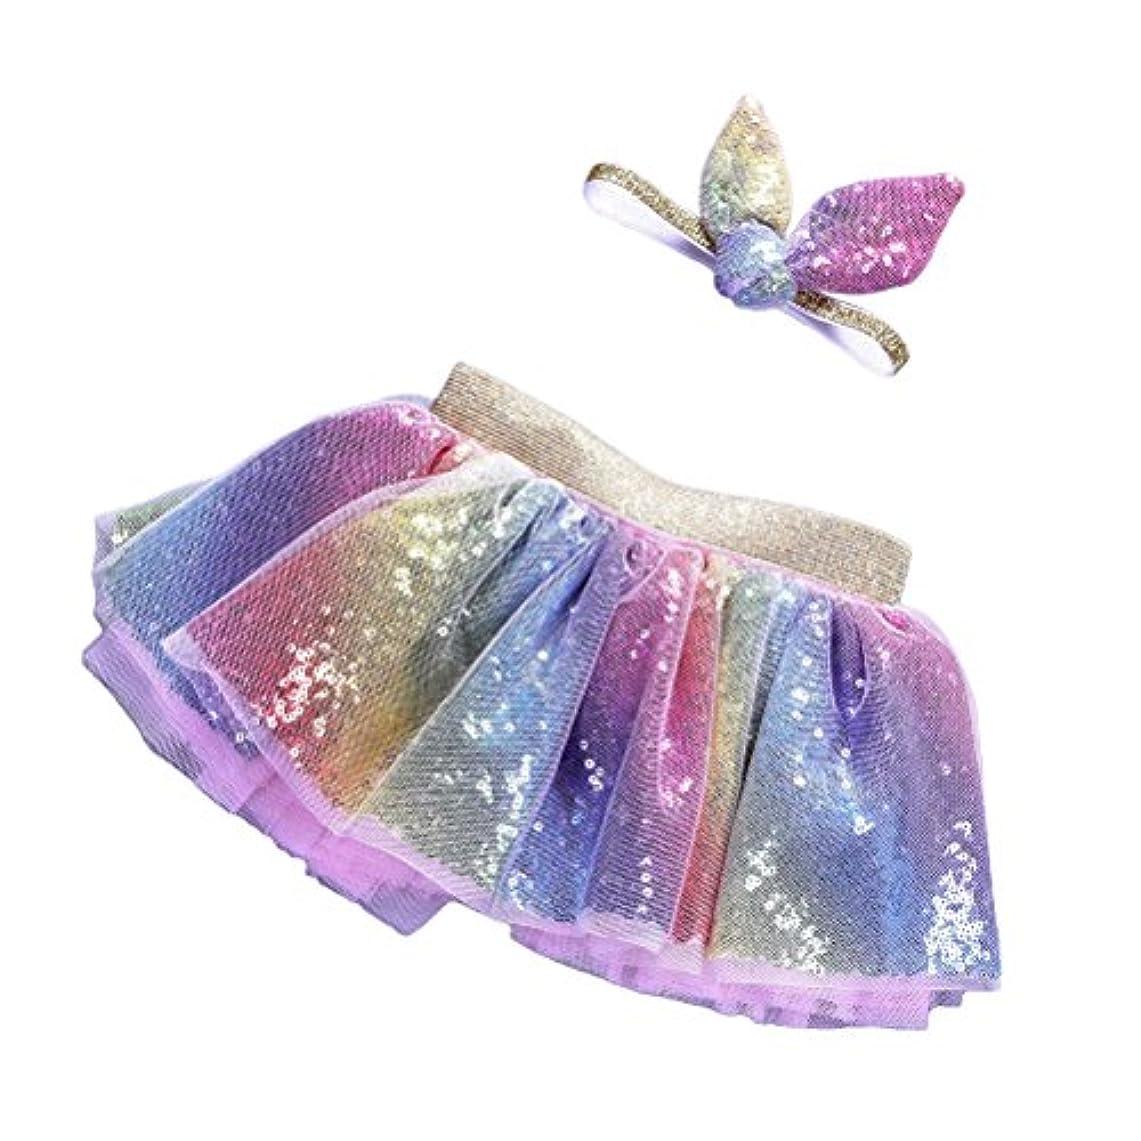 ドループ自体快適LUOEM 2PCSレインボーツツスカート(ヘッドバンドプリンセスガール付き)Tutu OutfitベビーガールズBirthday Outfit Set S(0-2歳)